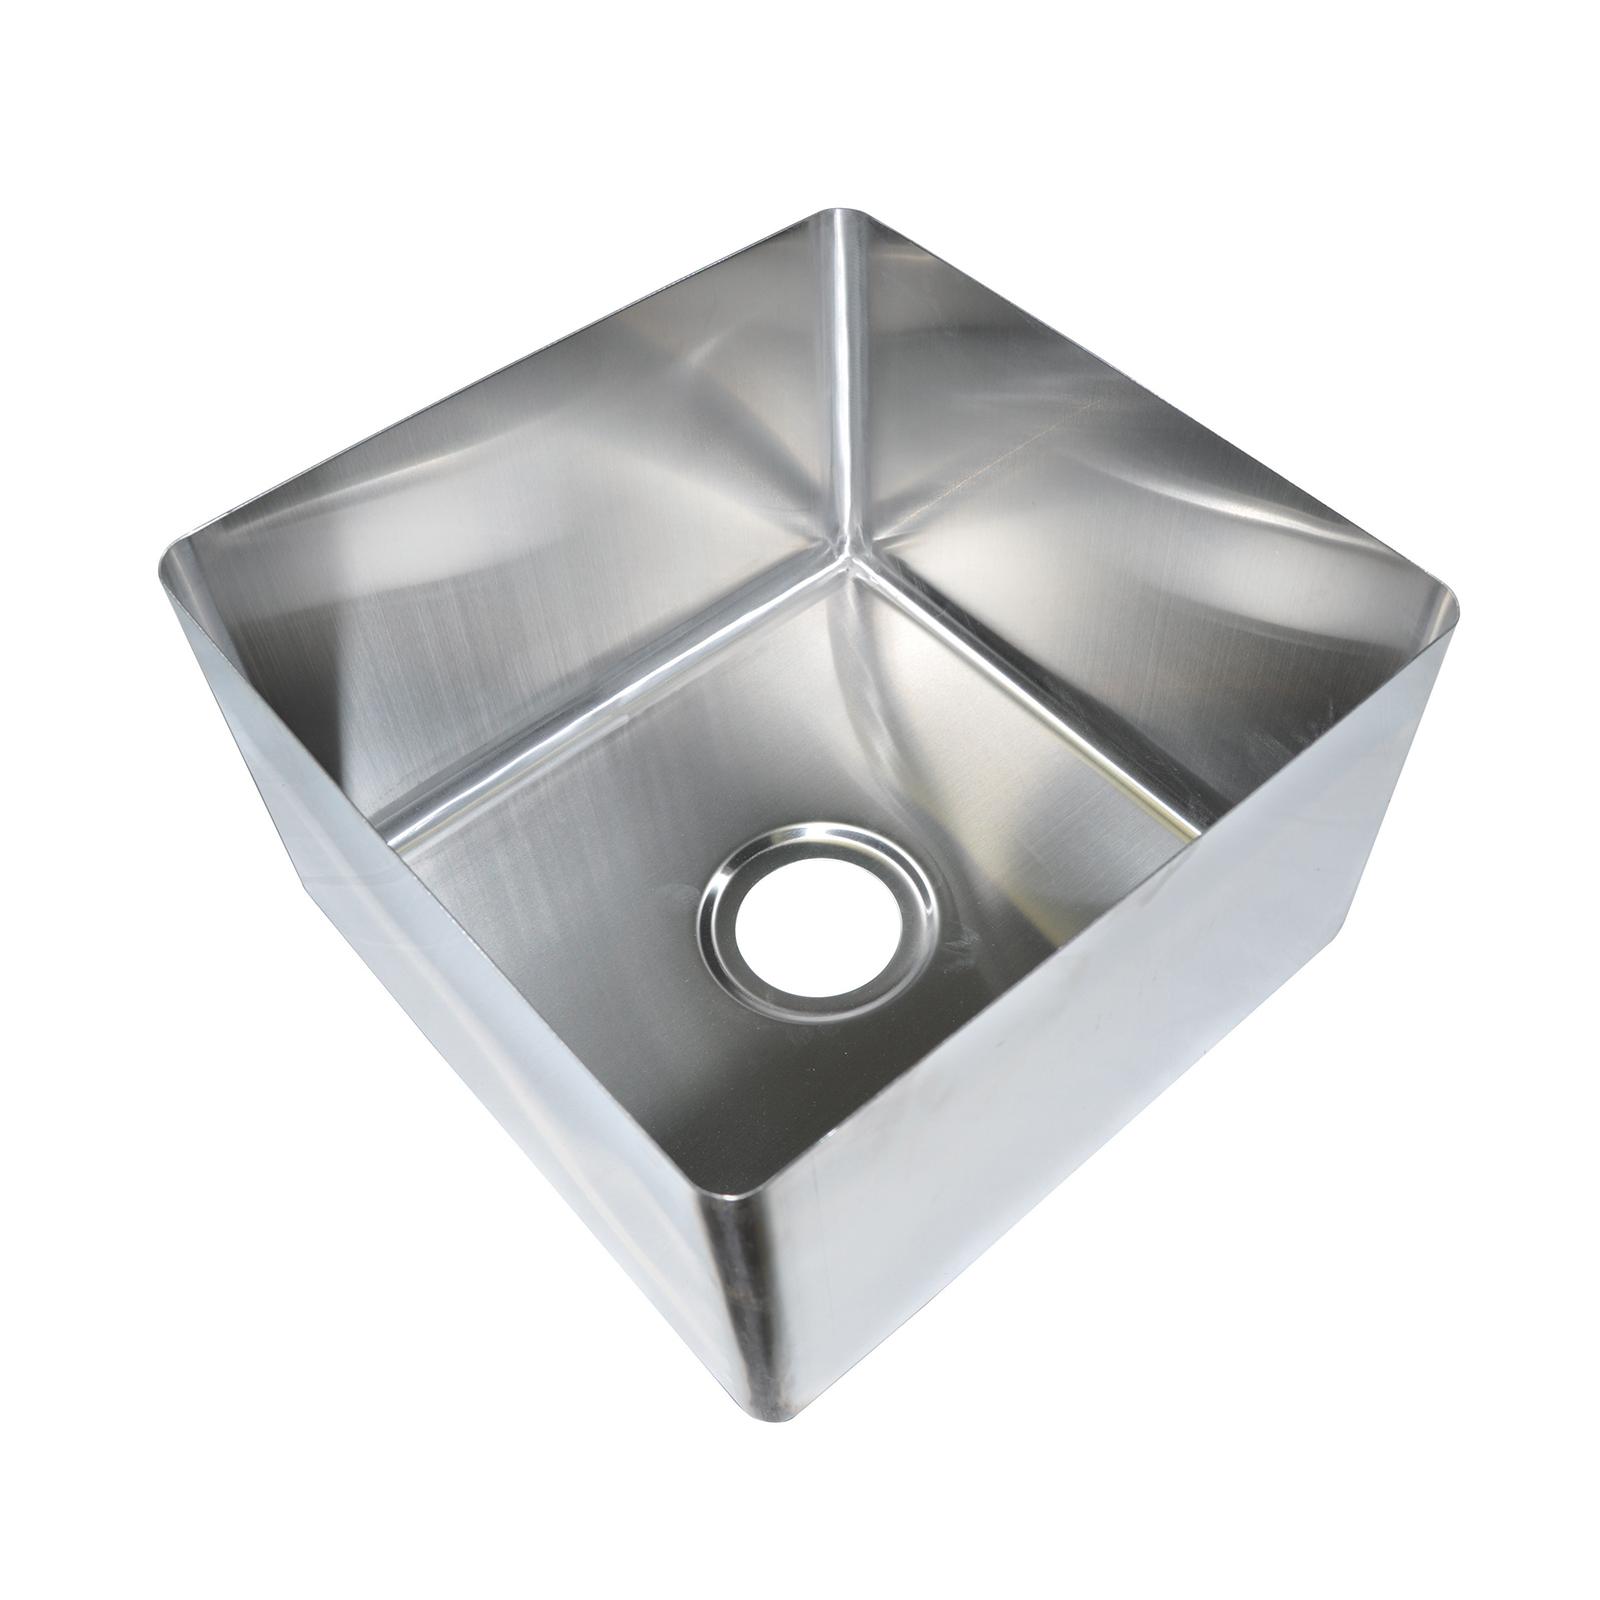 BK Resources BKFB-2020-8-16 sink bowl, weld-in / undermount